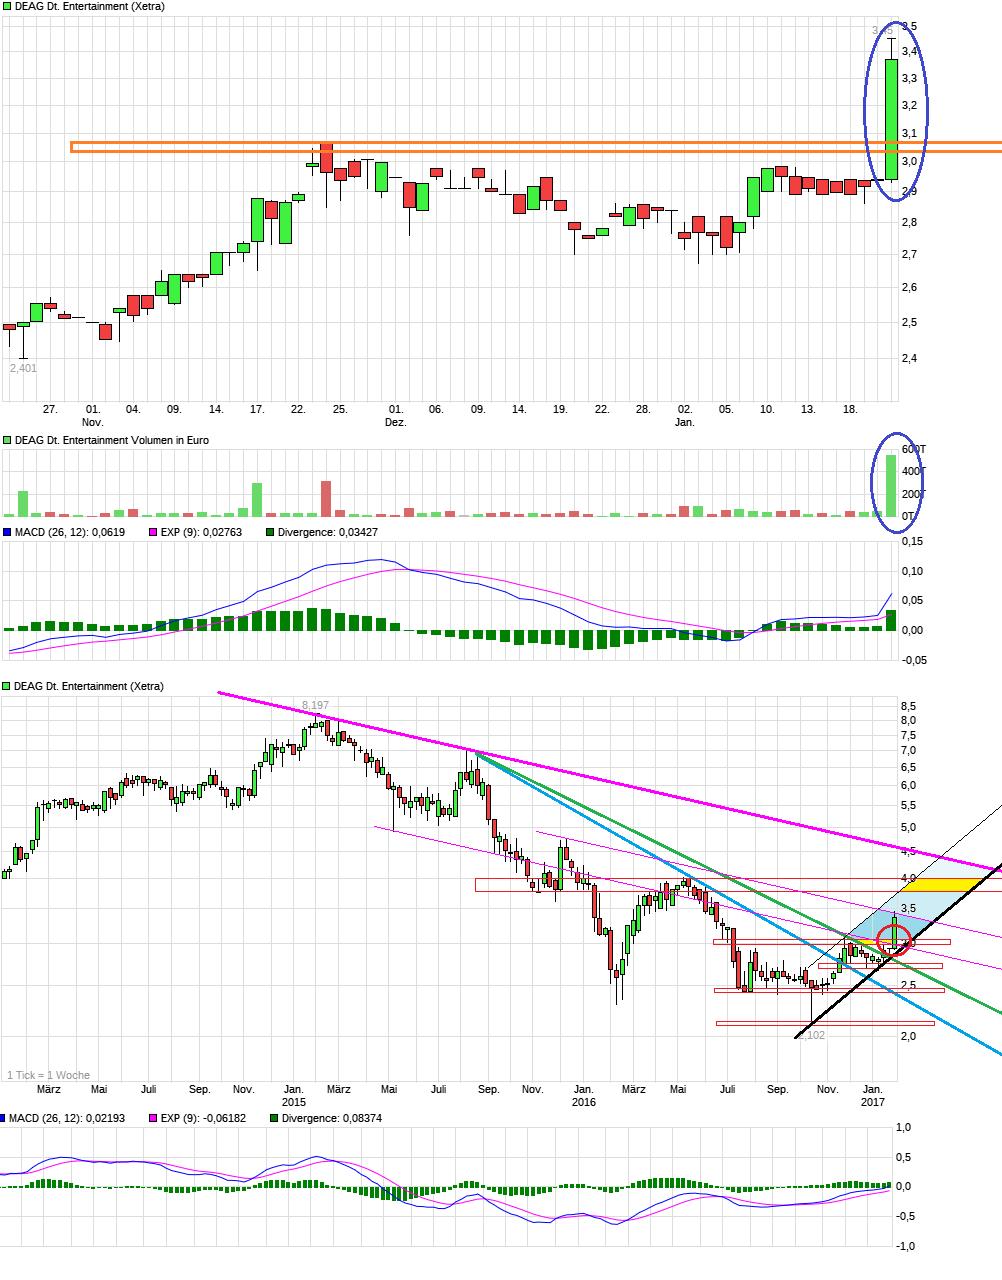 chart_quarter_deagdeutscheentertainment.png